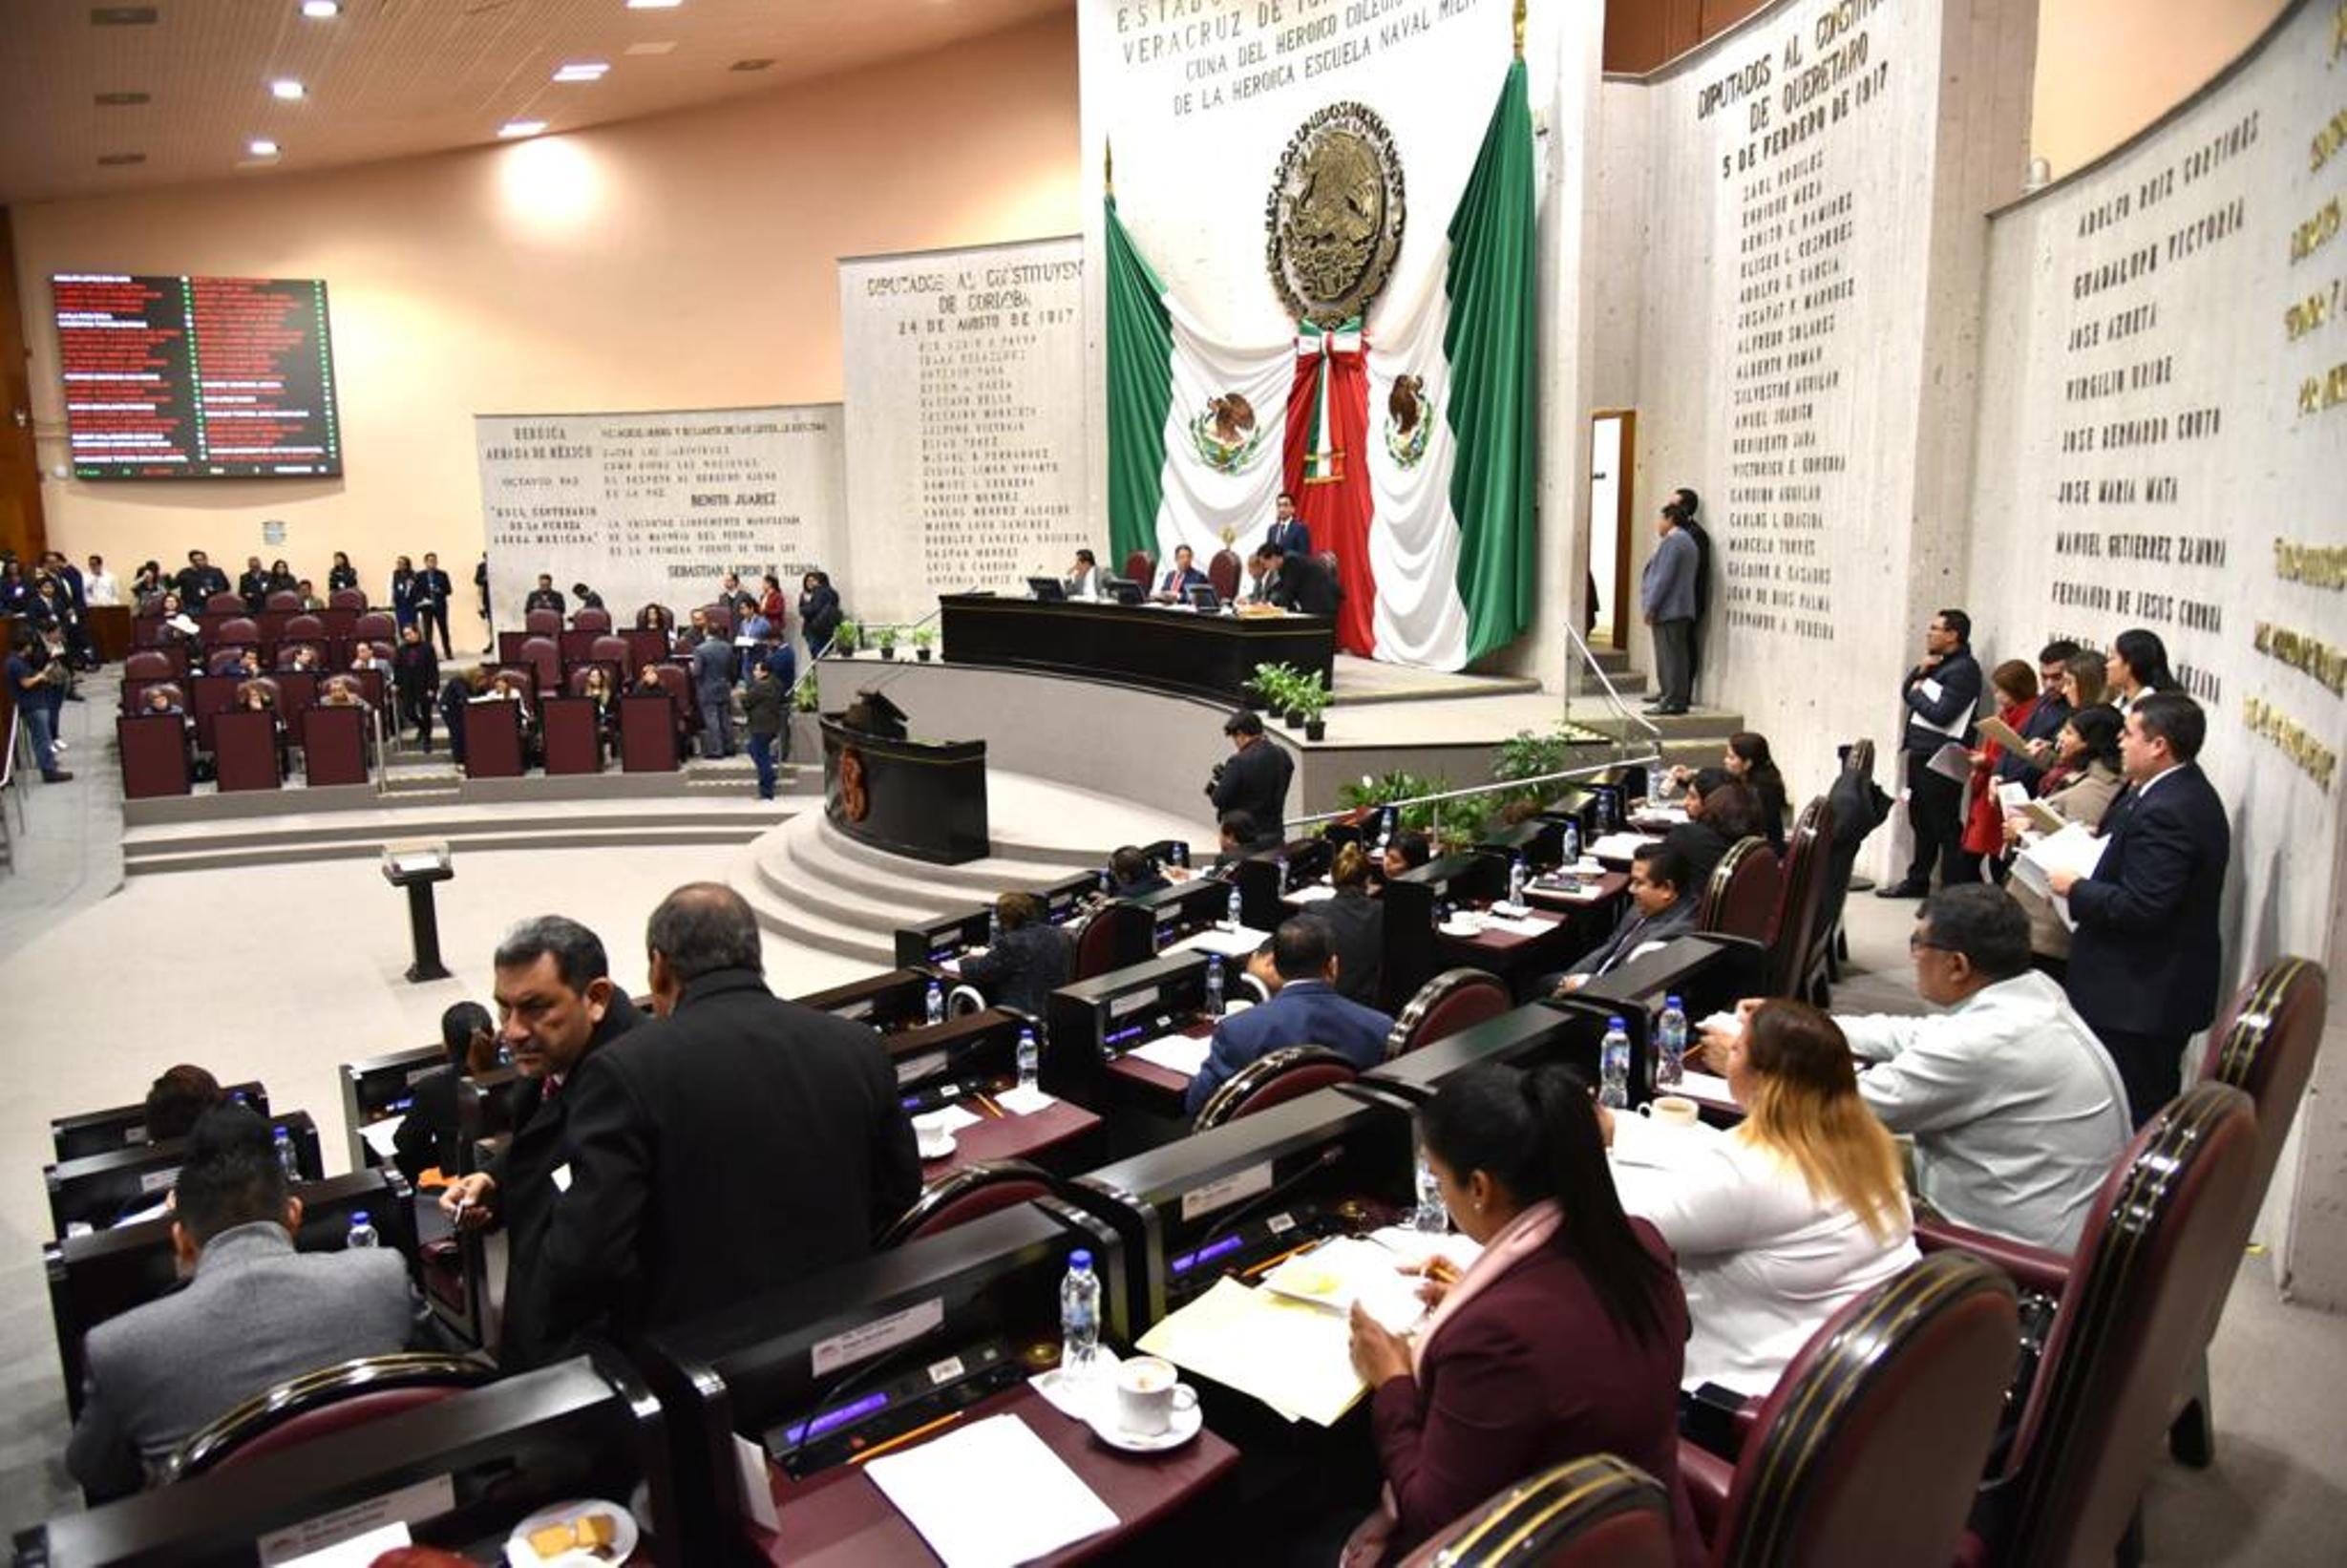 Diputados reculan y se desisten de dejar fracción de Morena en el Congreso